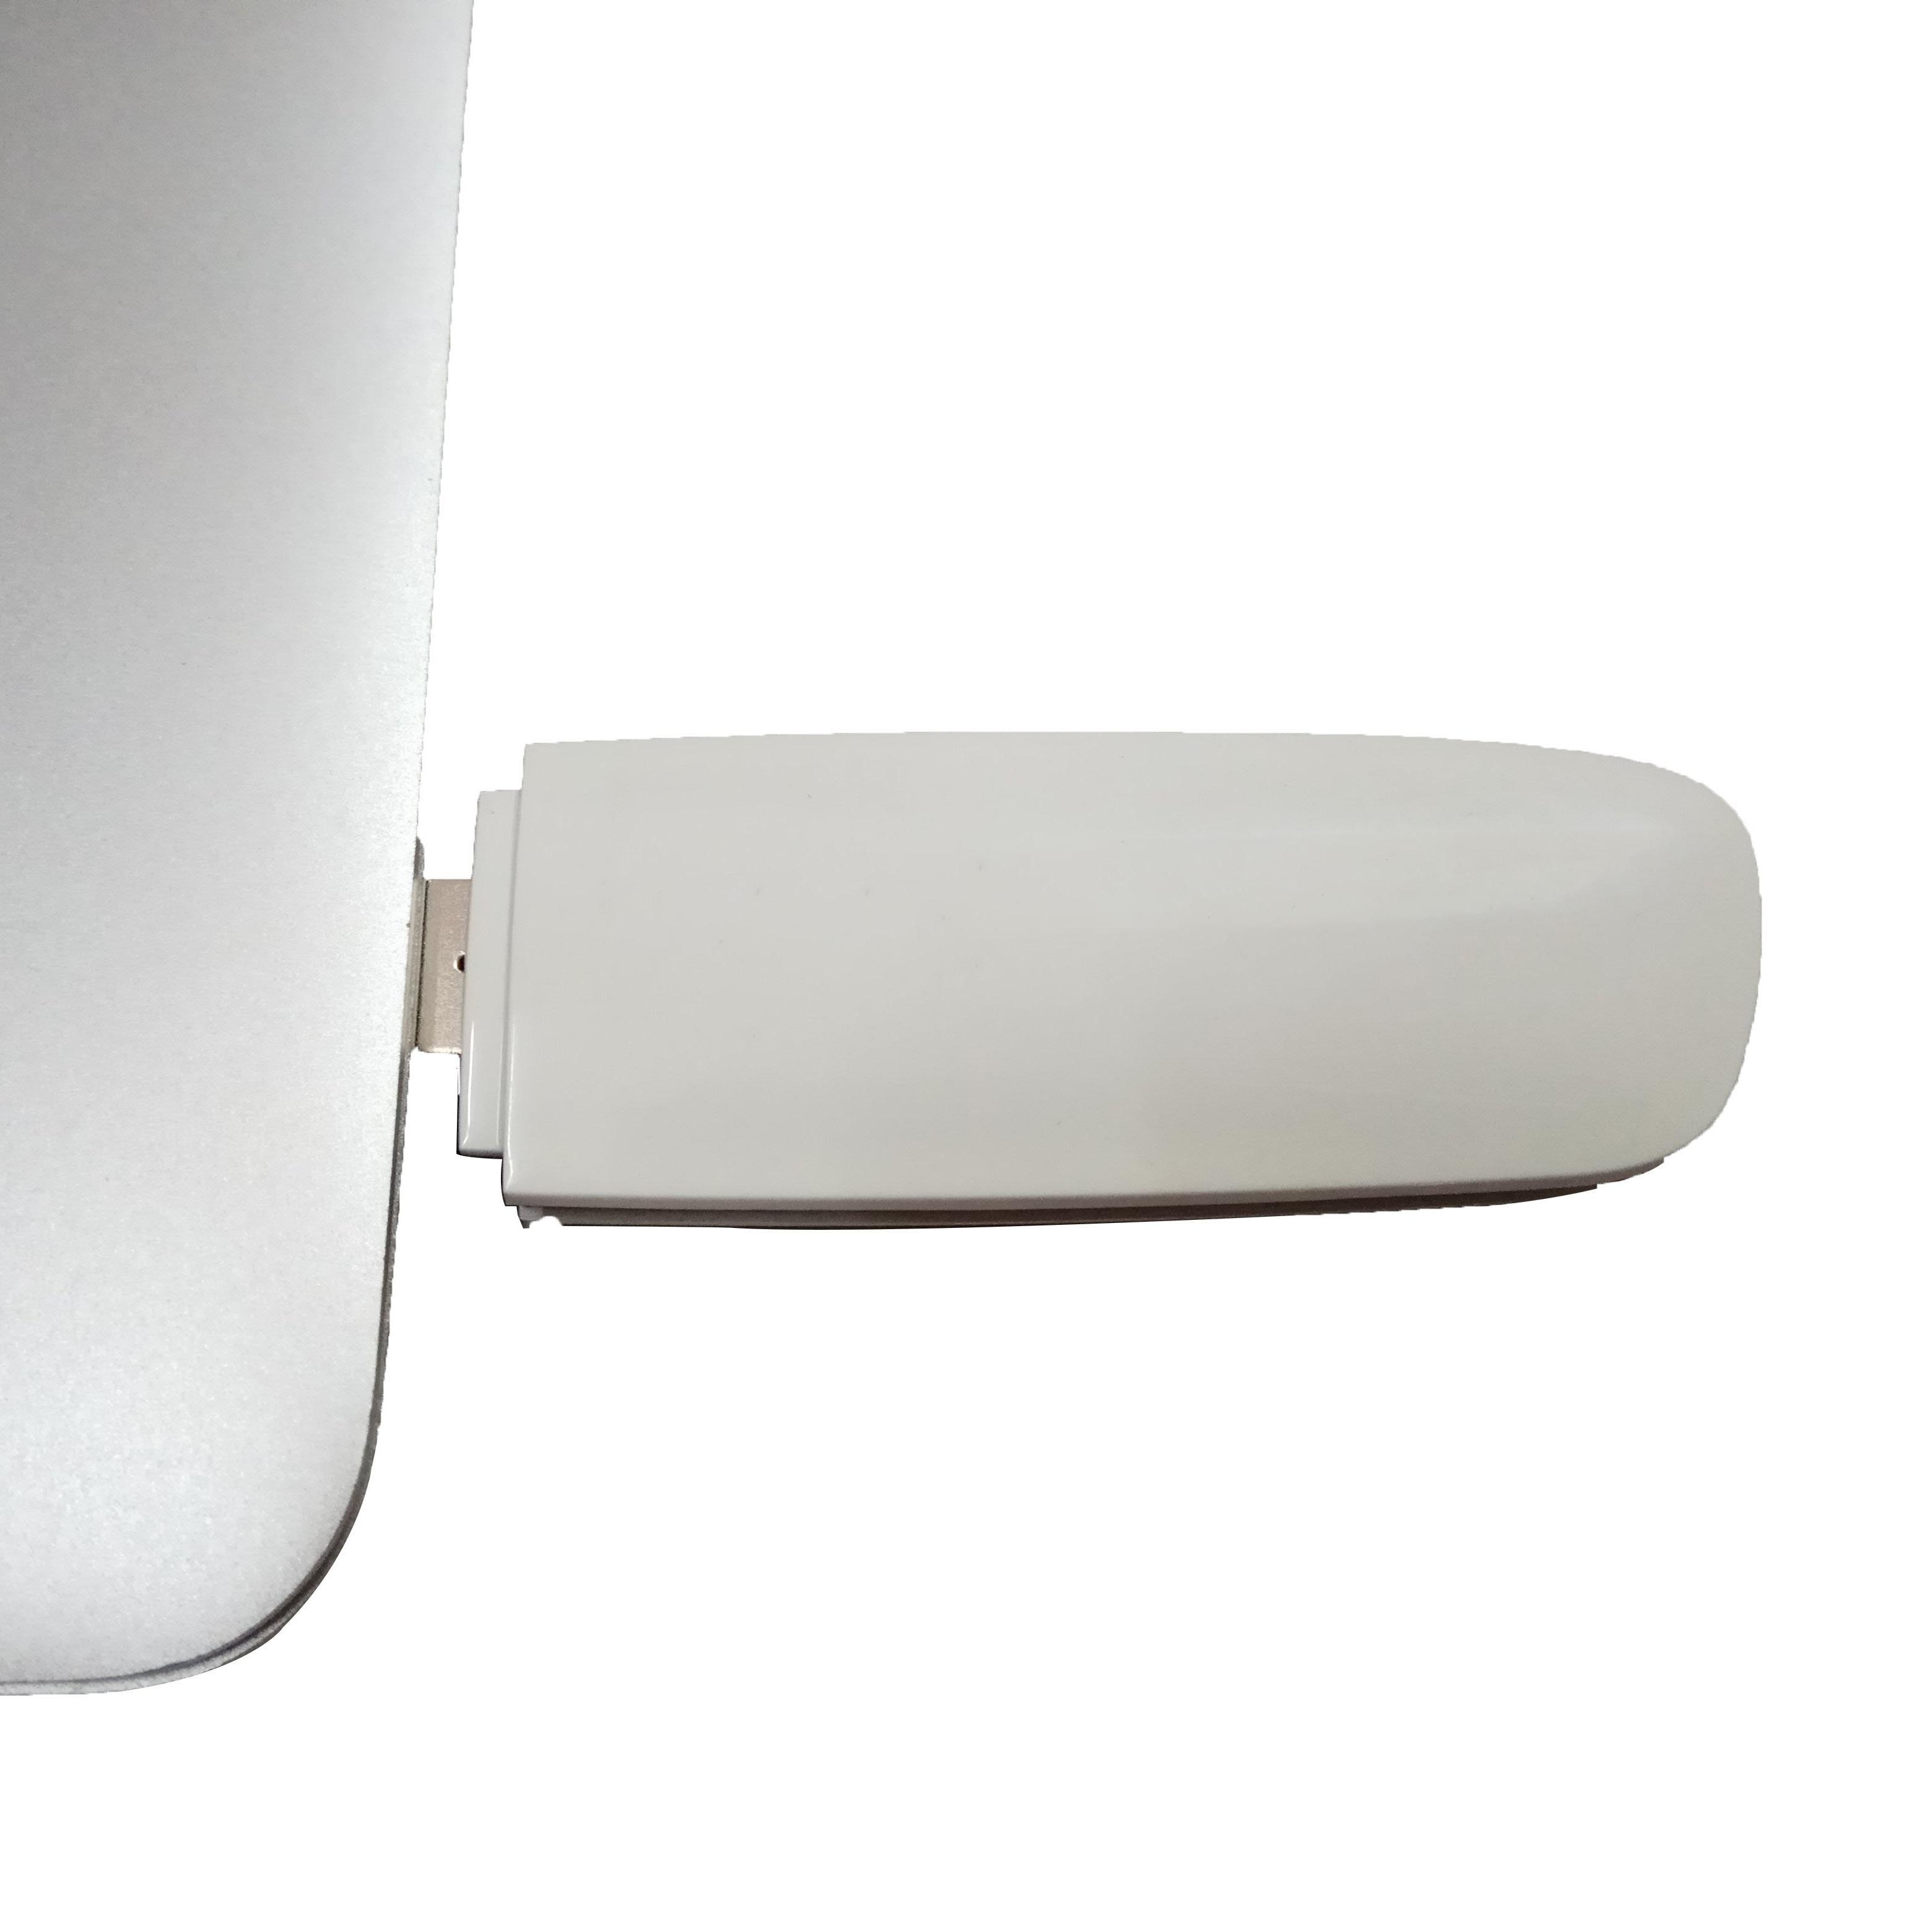 Usb Dcom Phát Wifi 3G Vt5s 7,2Mb Hỗ Trợ Đa Mạng - Hàng Nhập Khẩu